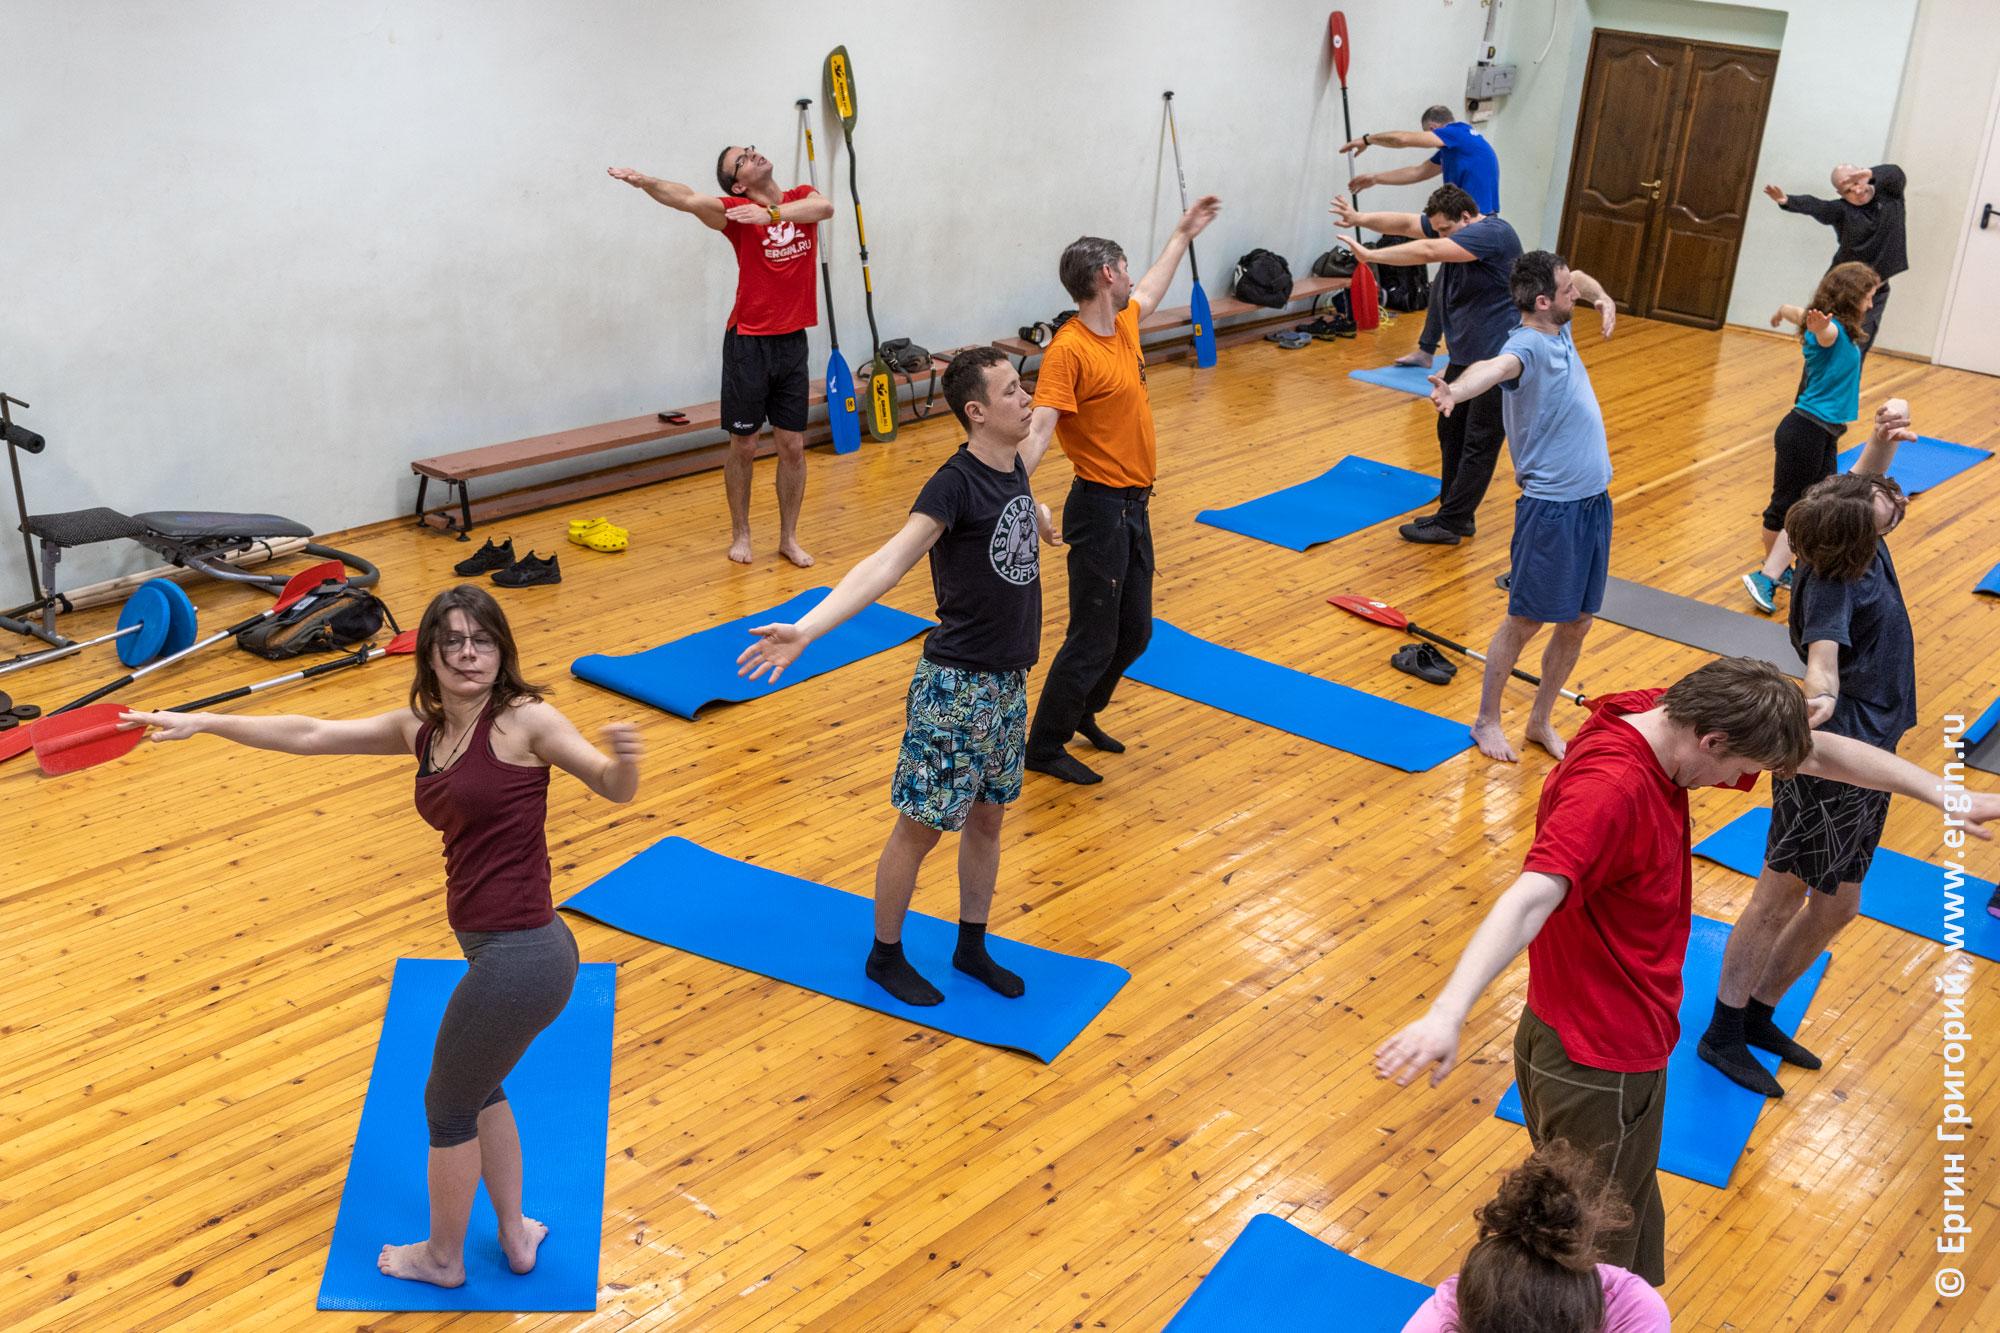 Упражнения для изучения эскимосского переворота без весла